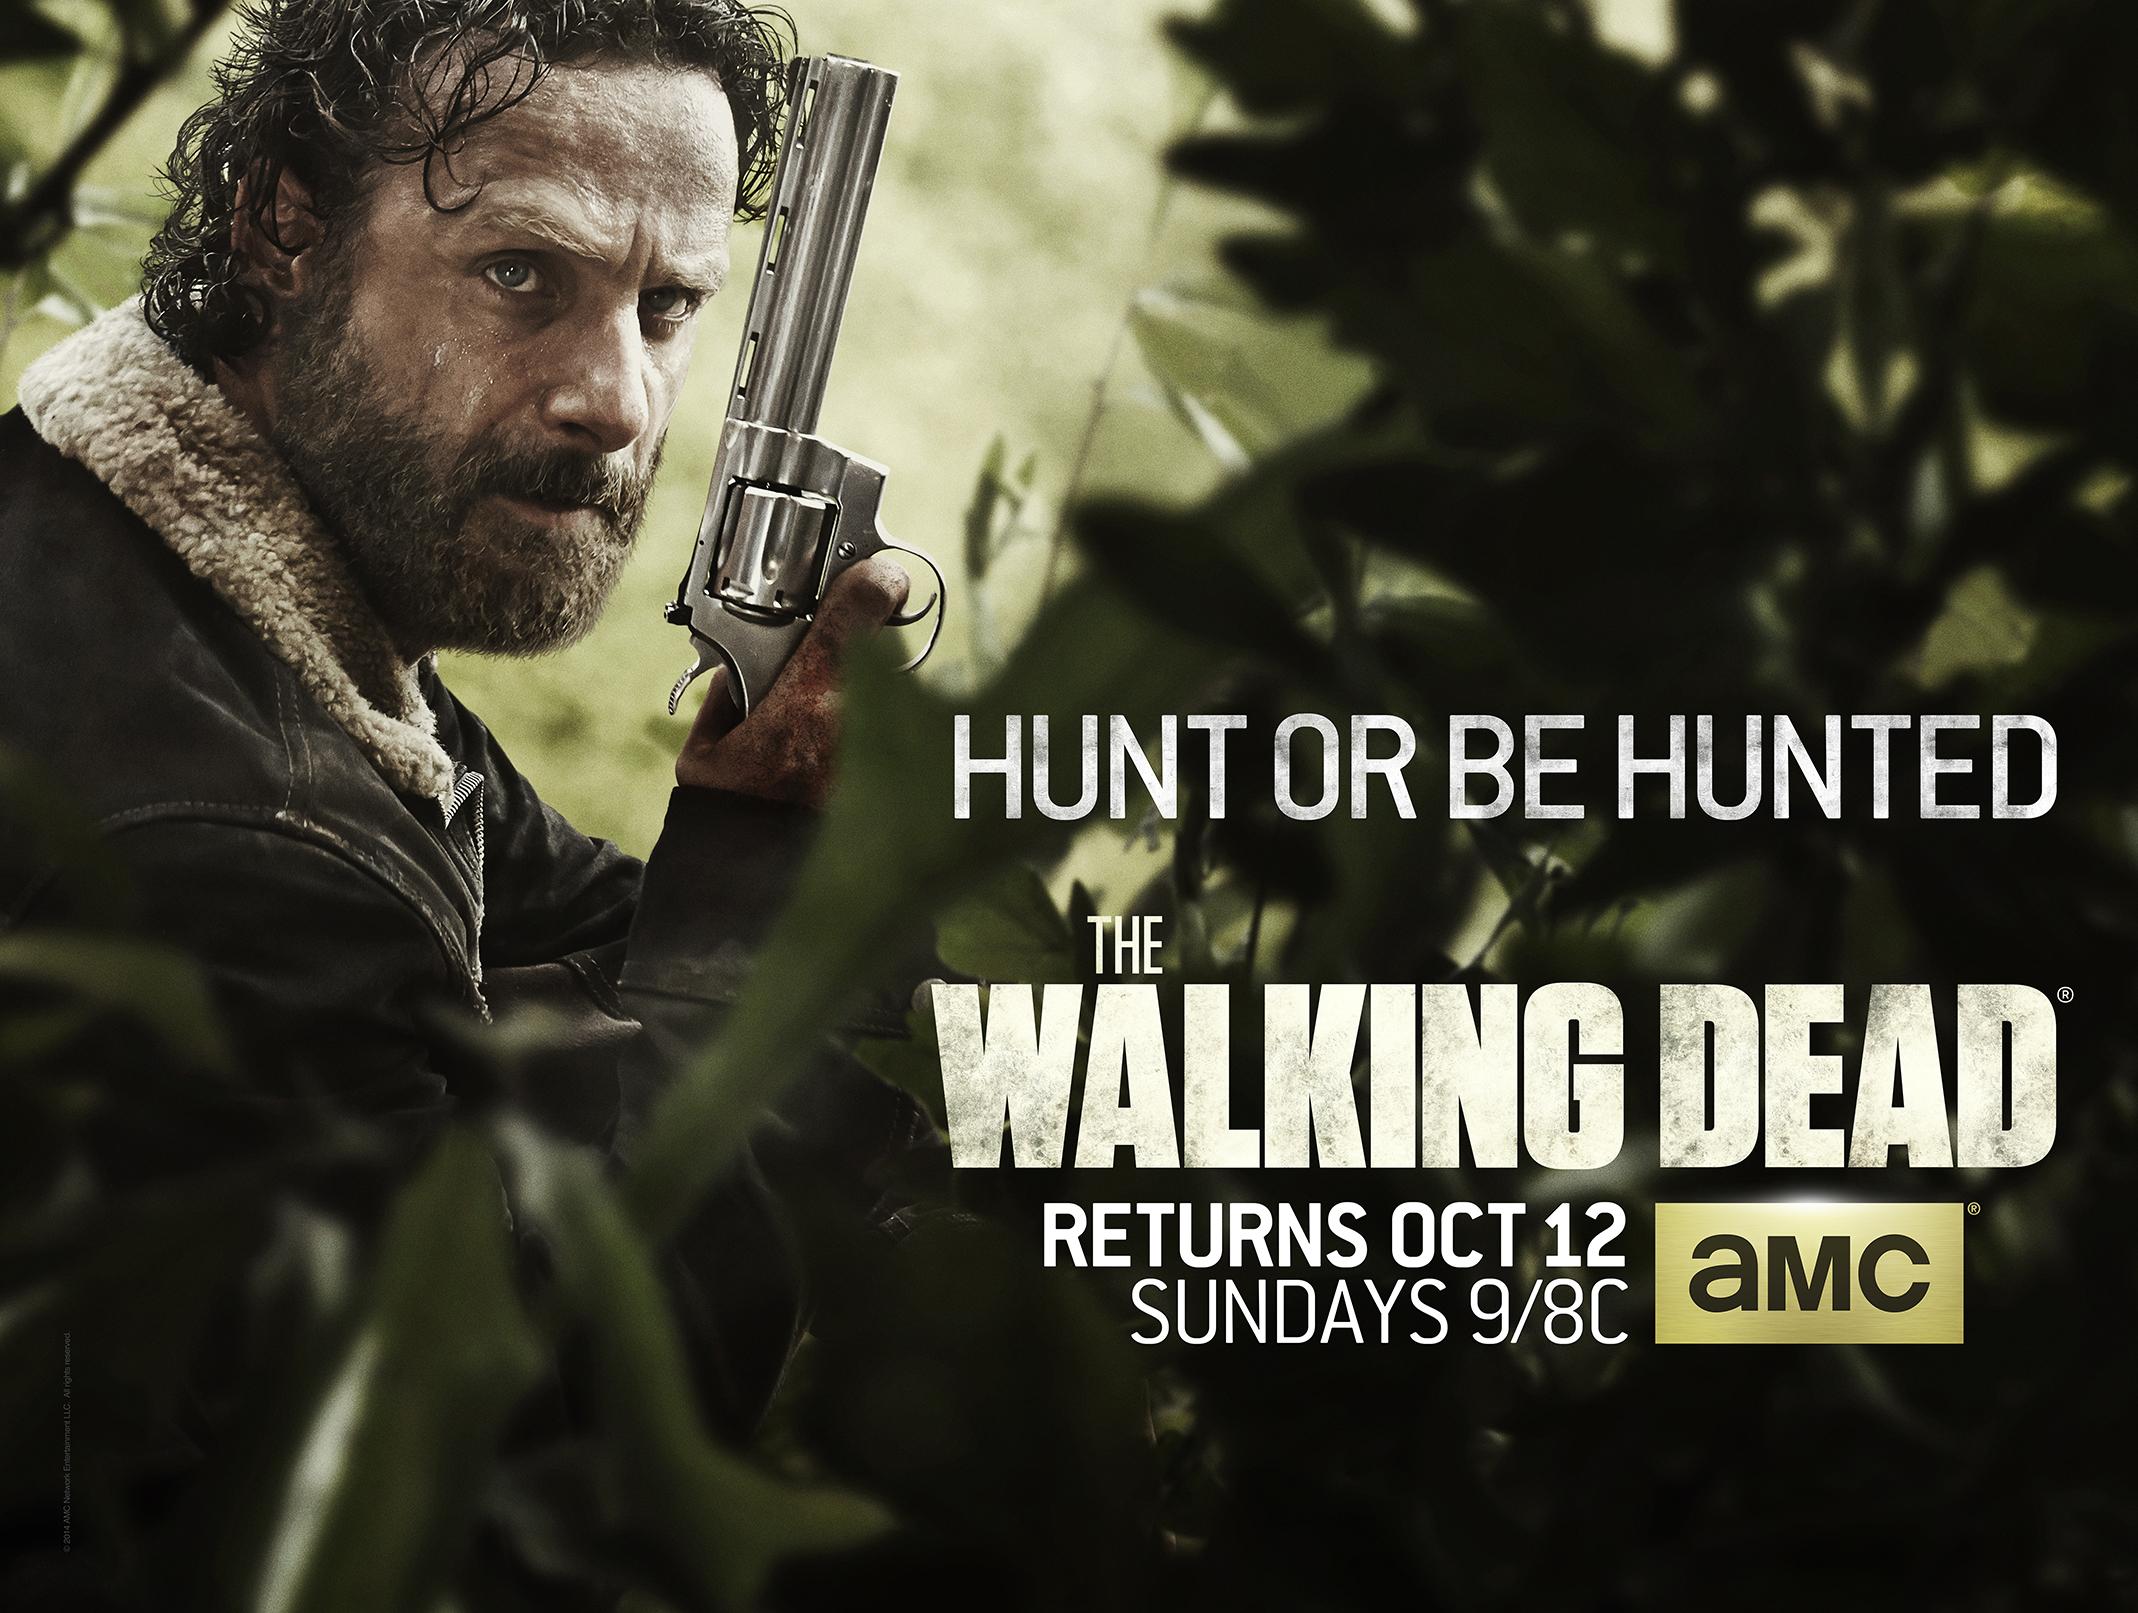 The-Walking-Dead-Season-5-Key-.